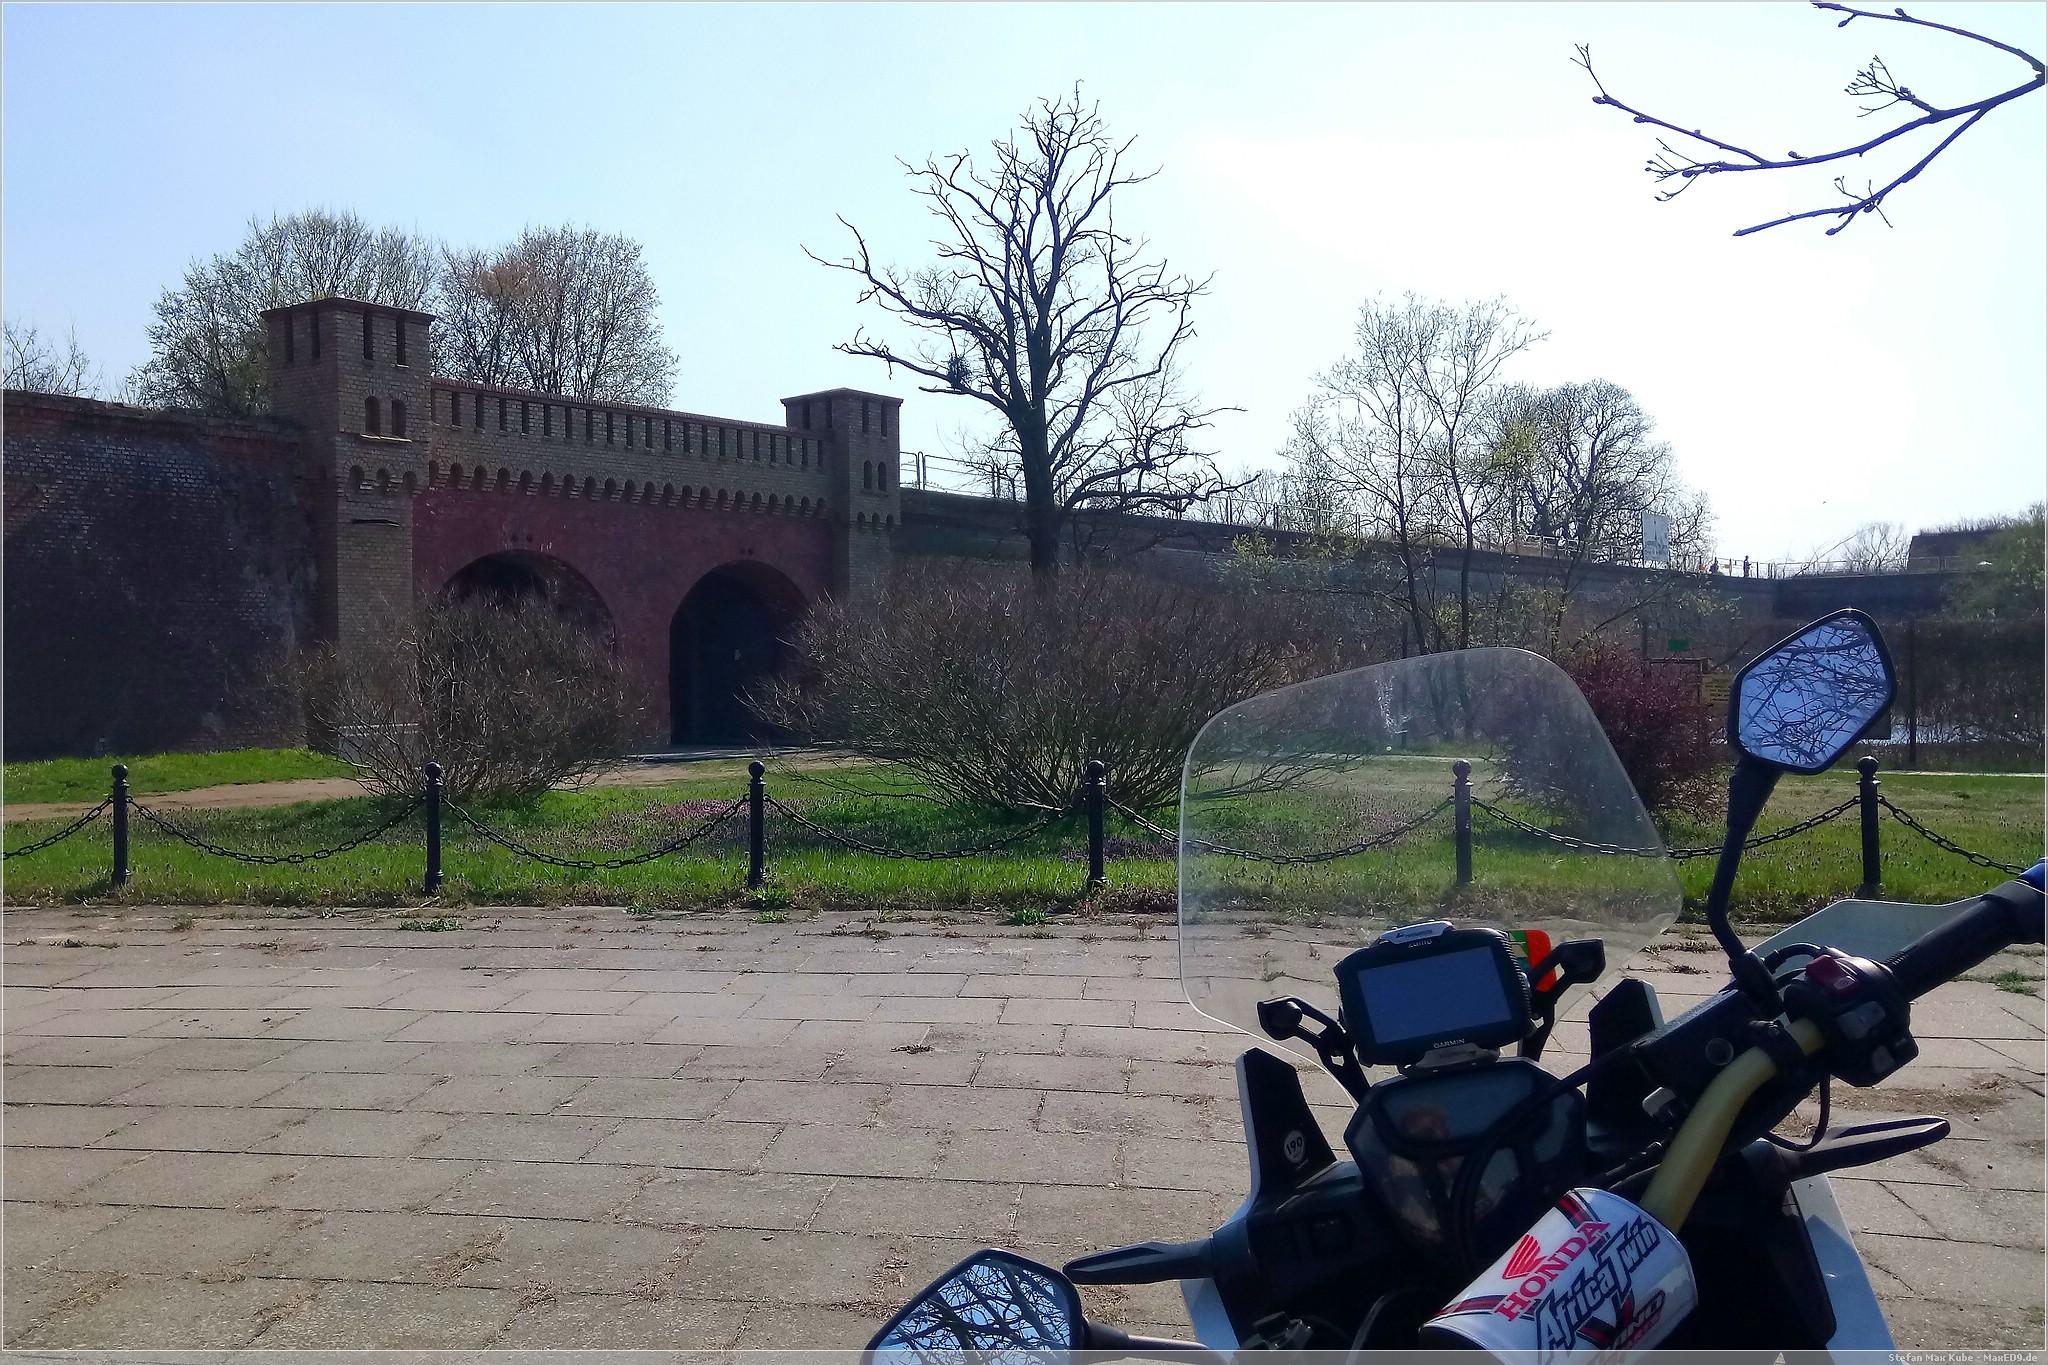 historisch: Festung Küstrin